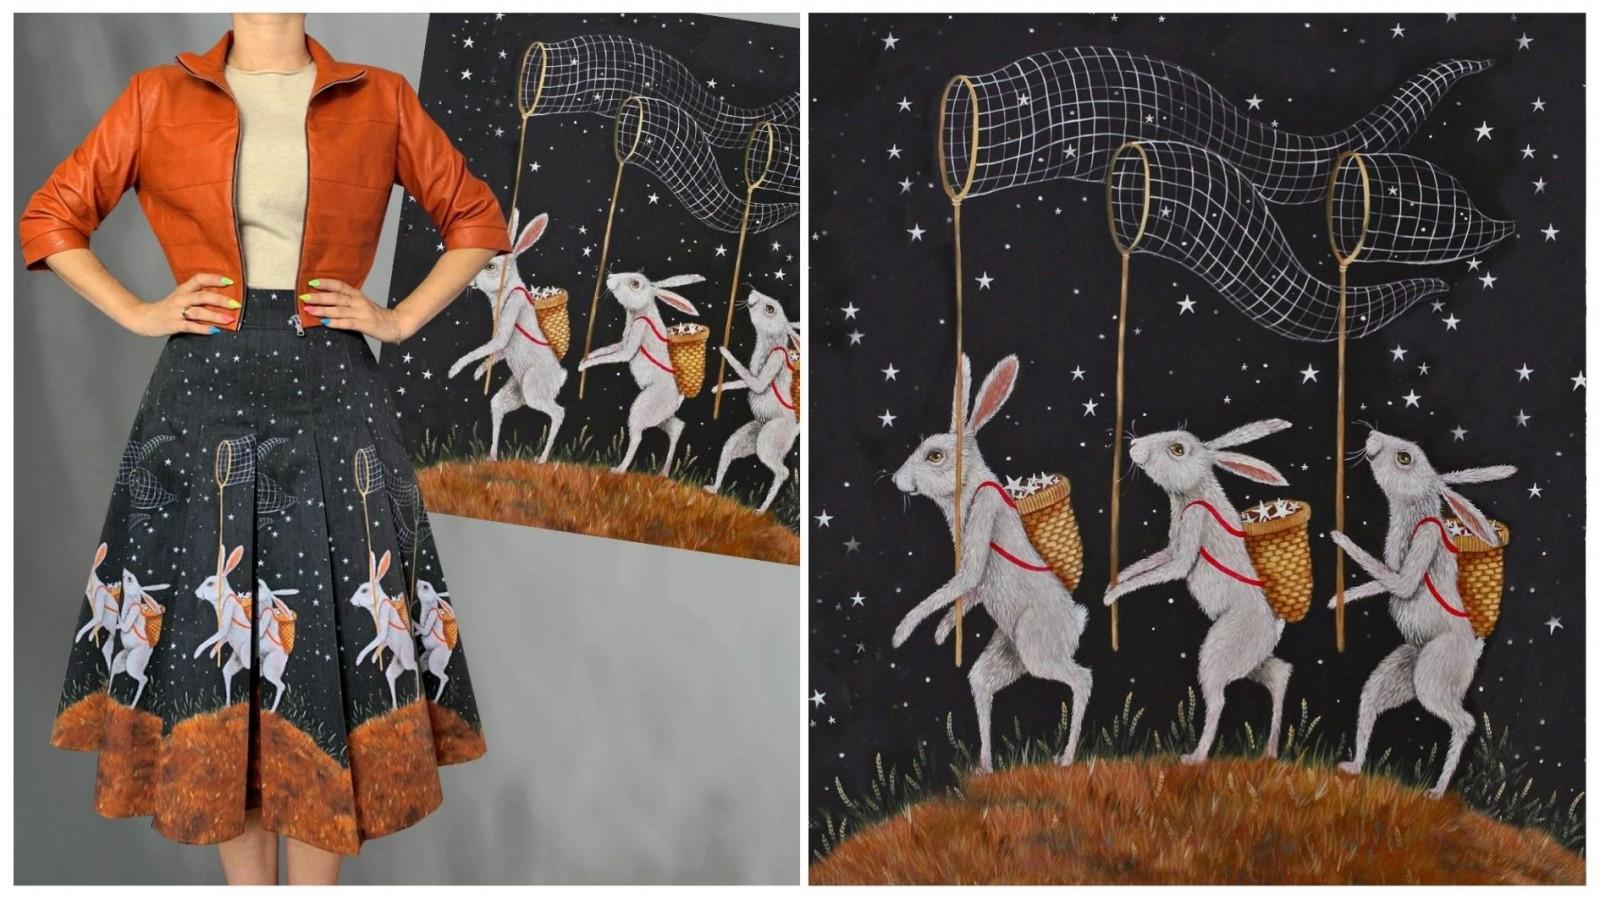 Юбка Марья (Ловцы звёзд), стоимость 4900₽. Джинса. Жакет Ангелина, стоимость 4900₽. Экокожа